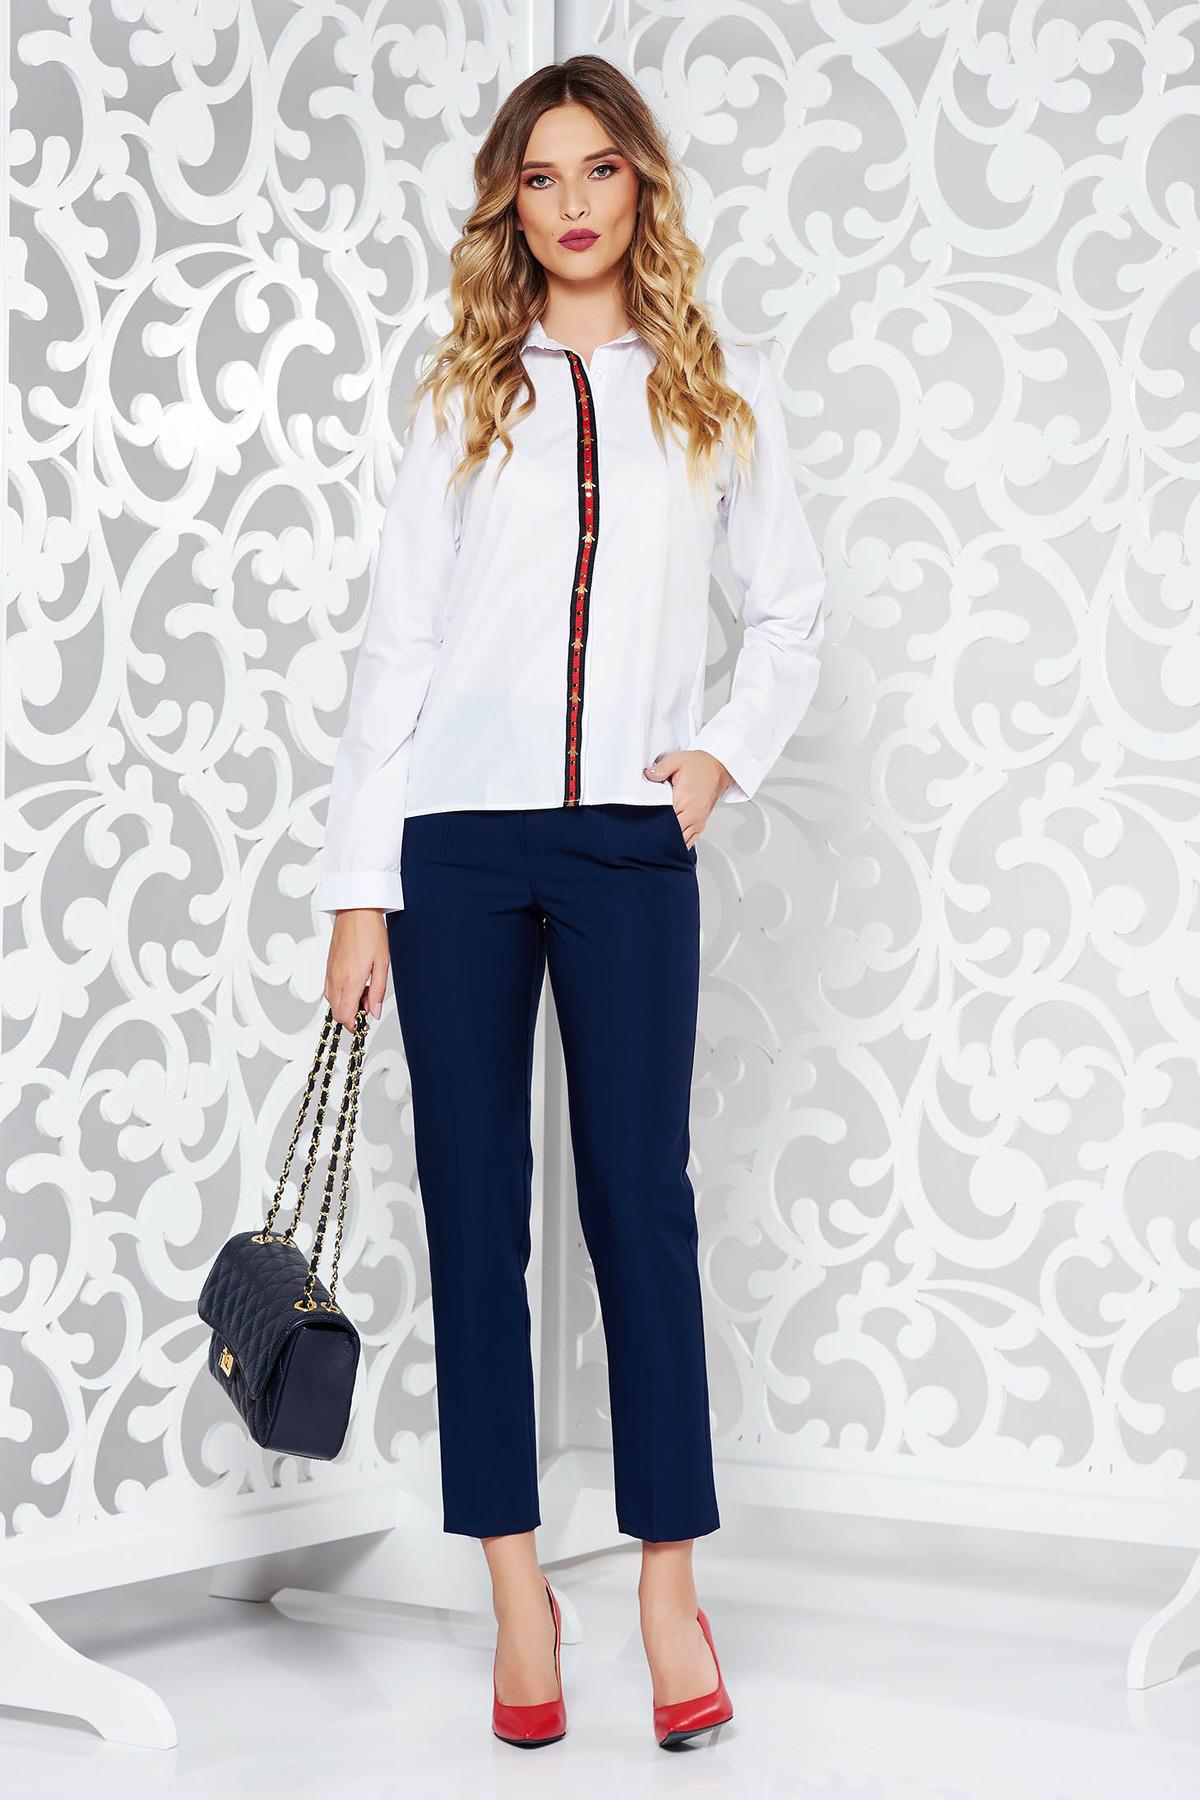 Camasa dama alba office cu croi larg din bumbac usor elastic cu aplicatii metalice